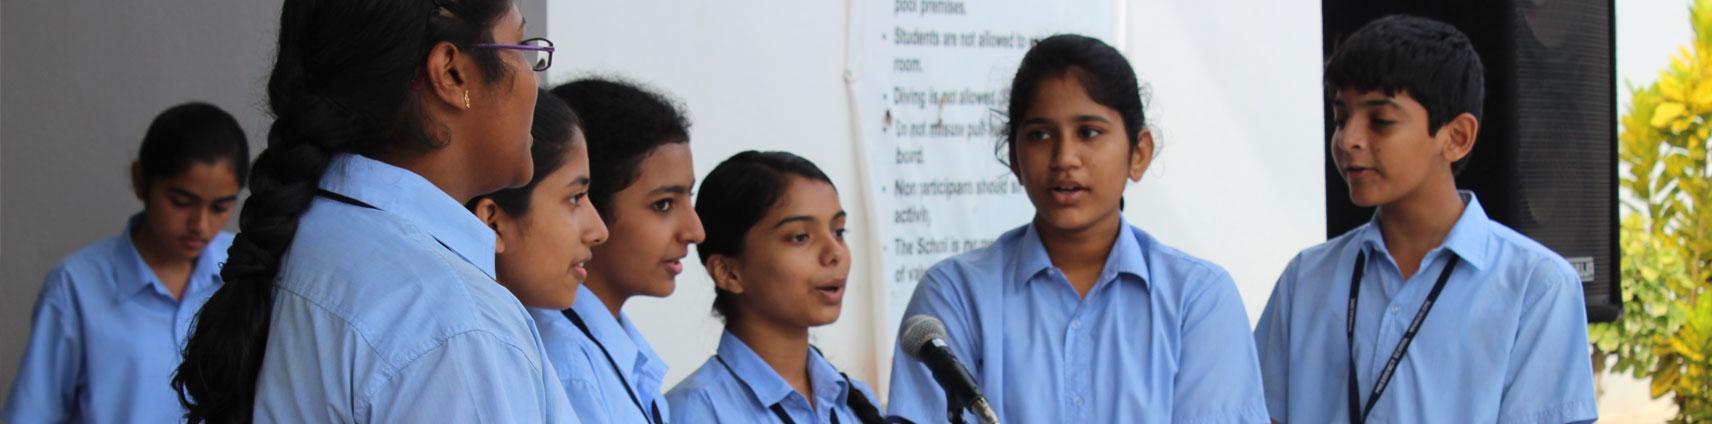 School Uniform | Presidency School